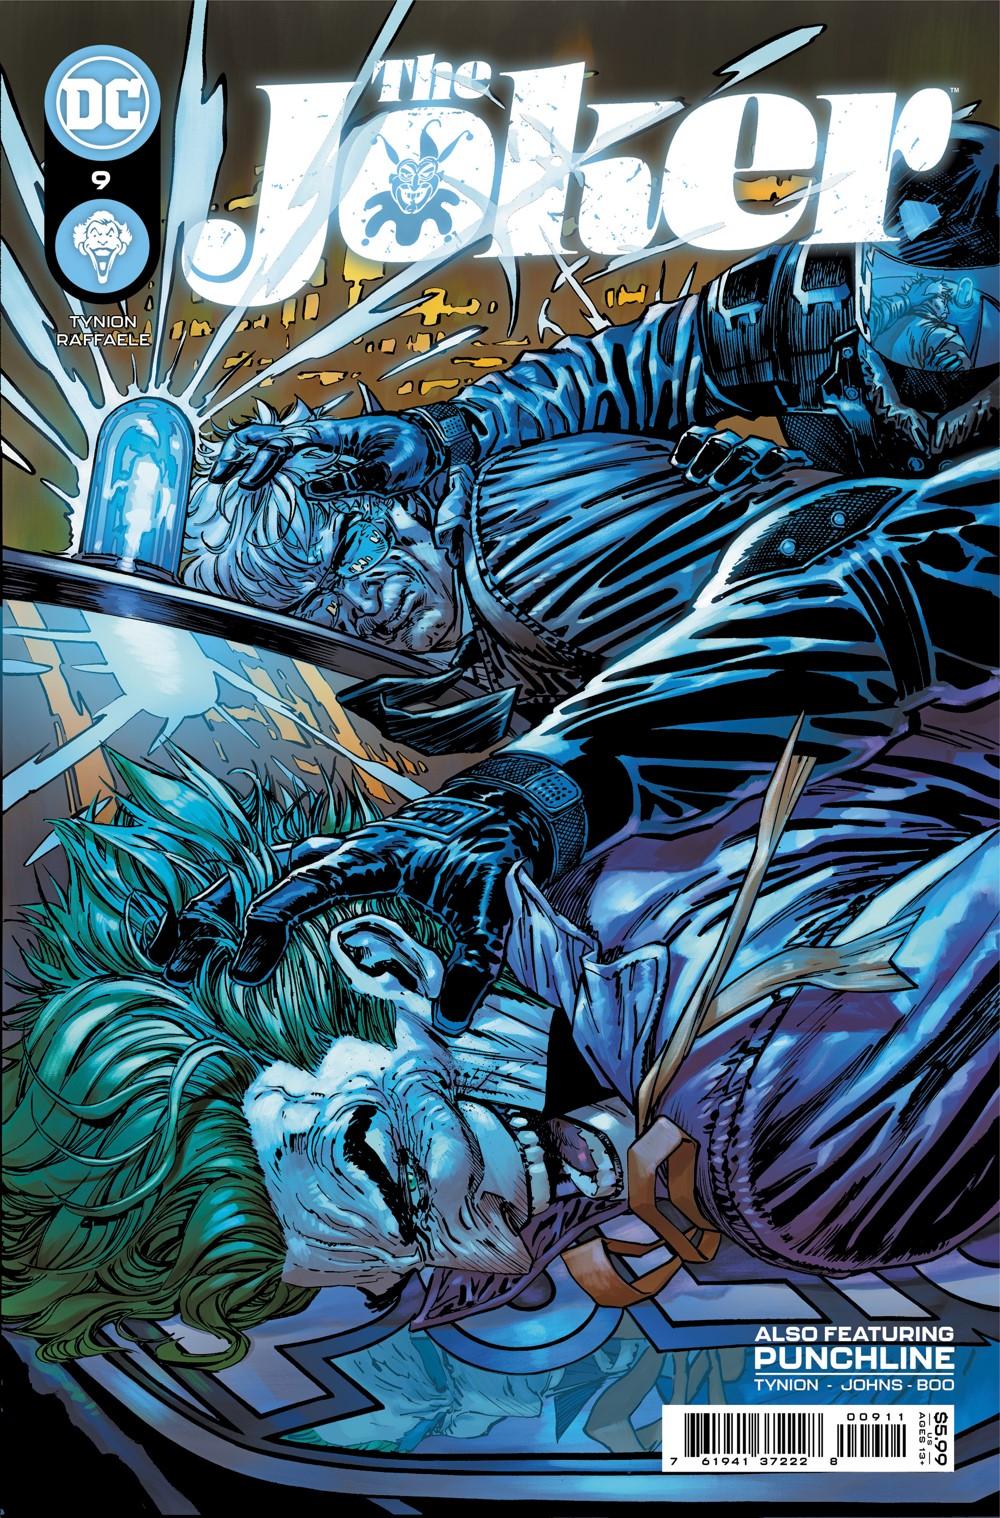 JKR_Cv9 DC Comics November 2021 Solicitations